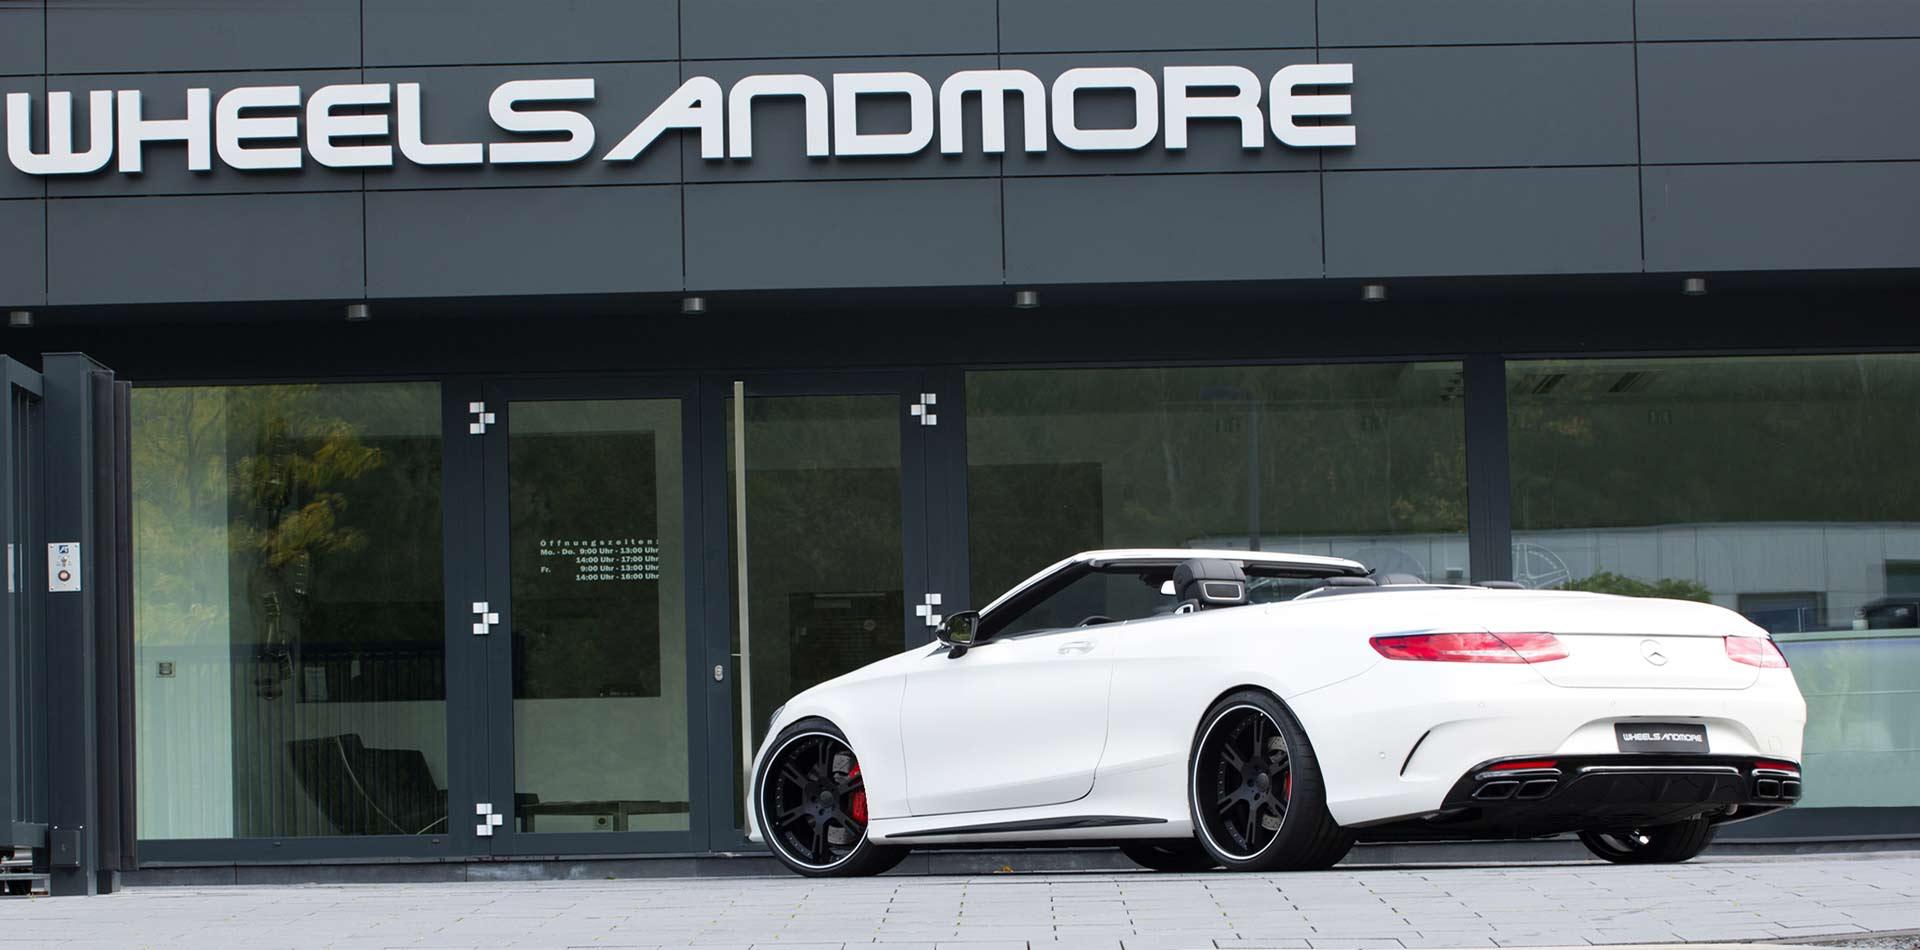 S63 AMG Tuning, Felgen, Auspuffanlage und Leistungssteigerung